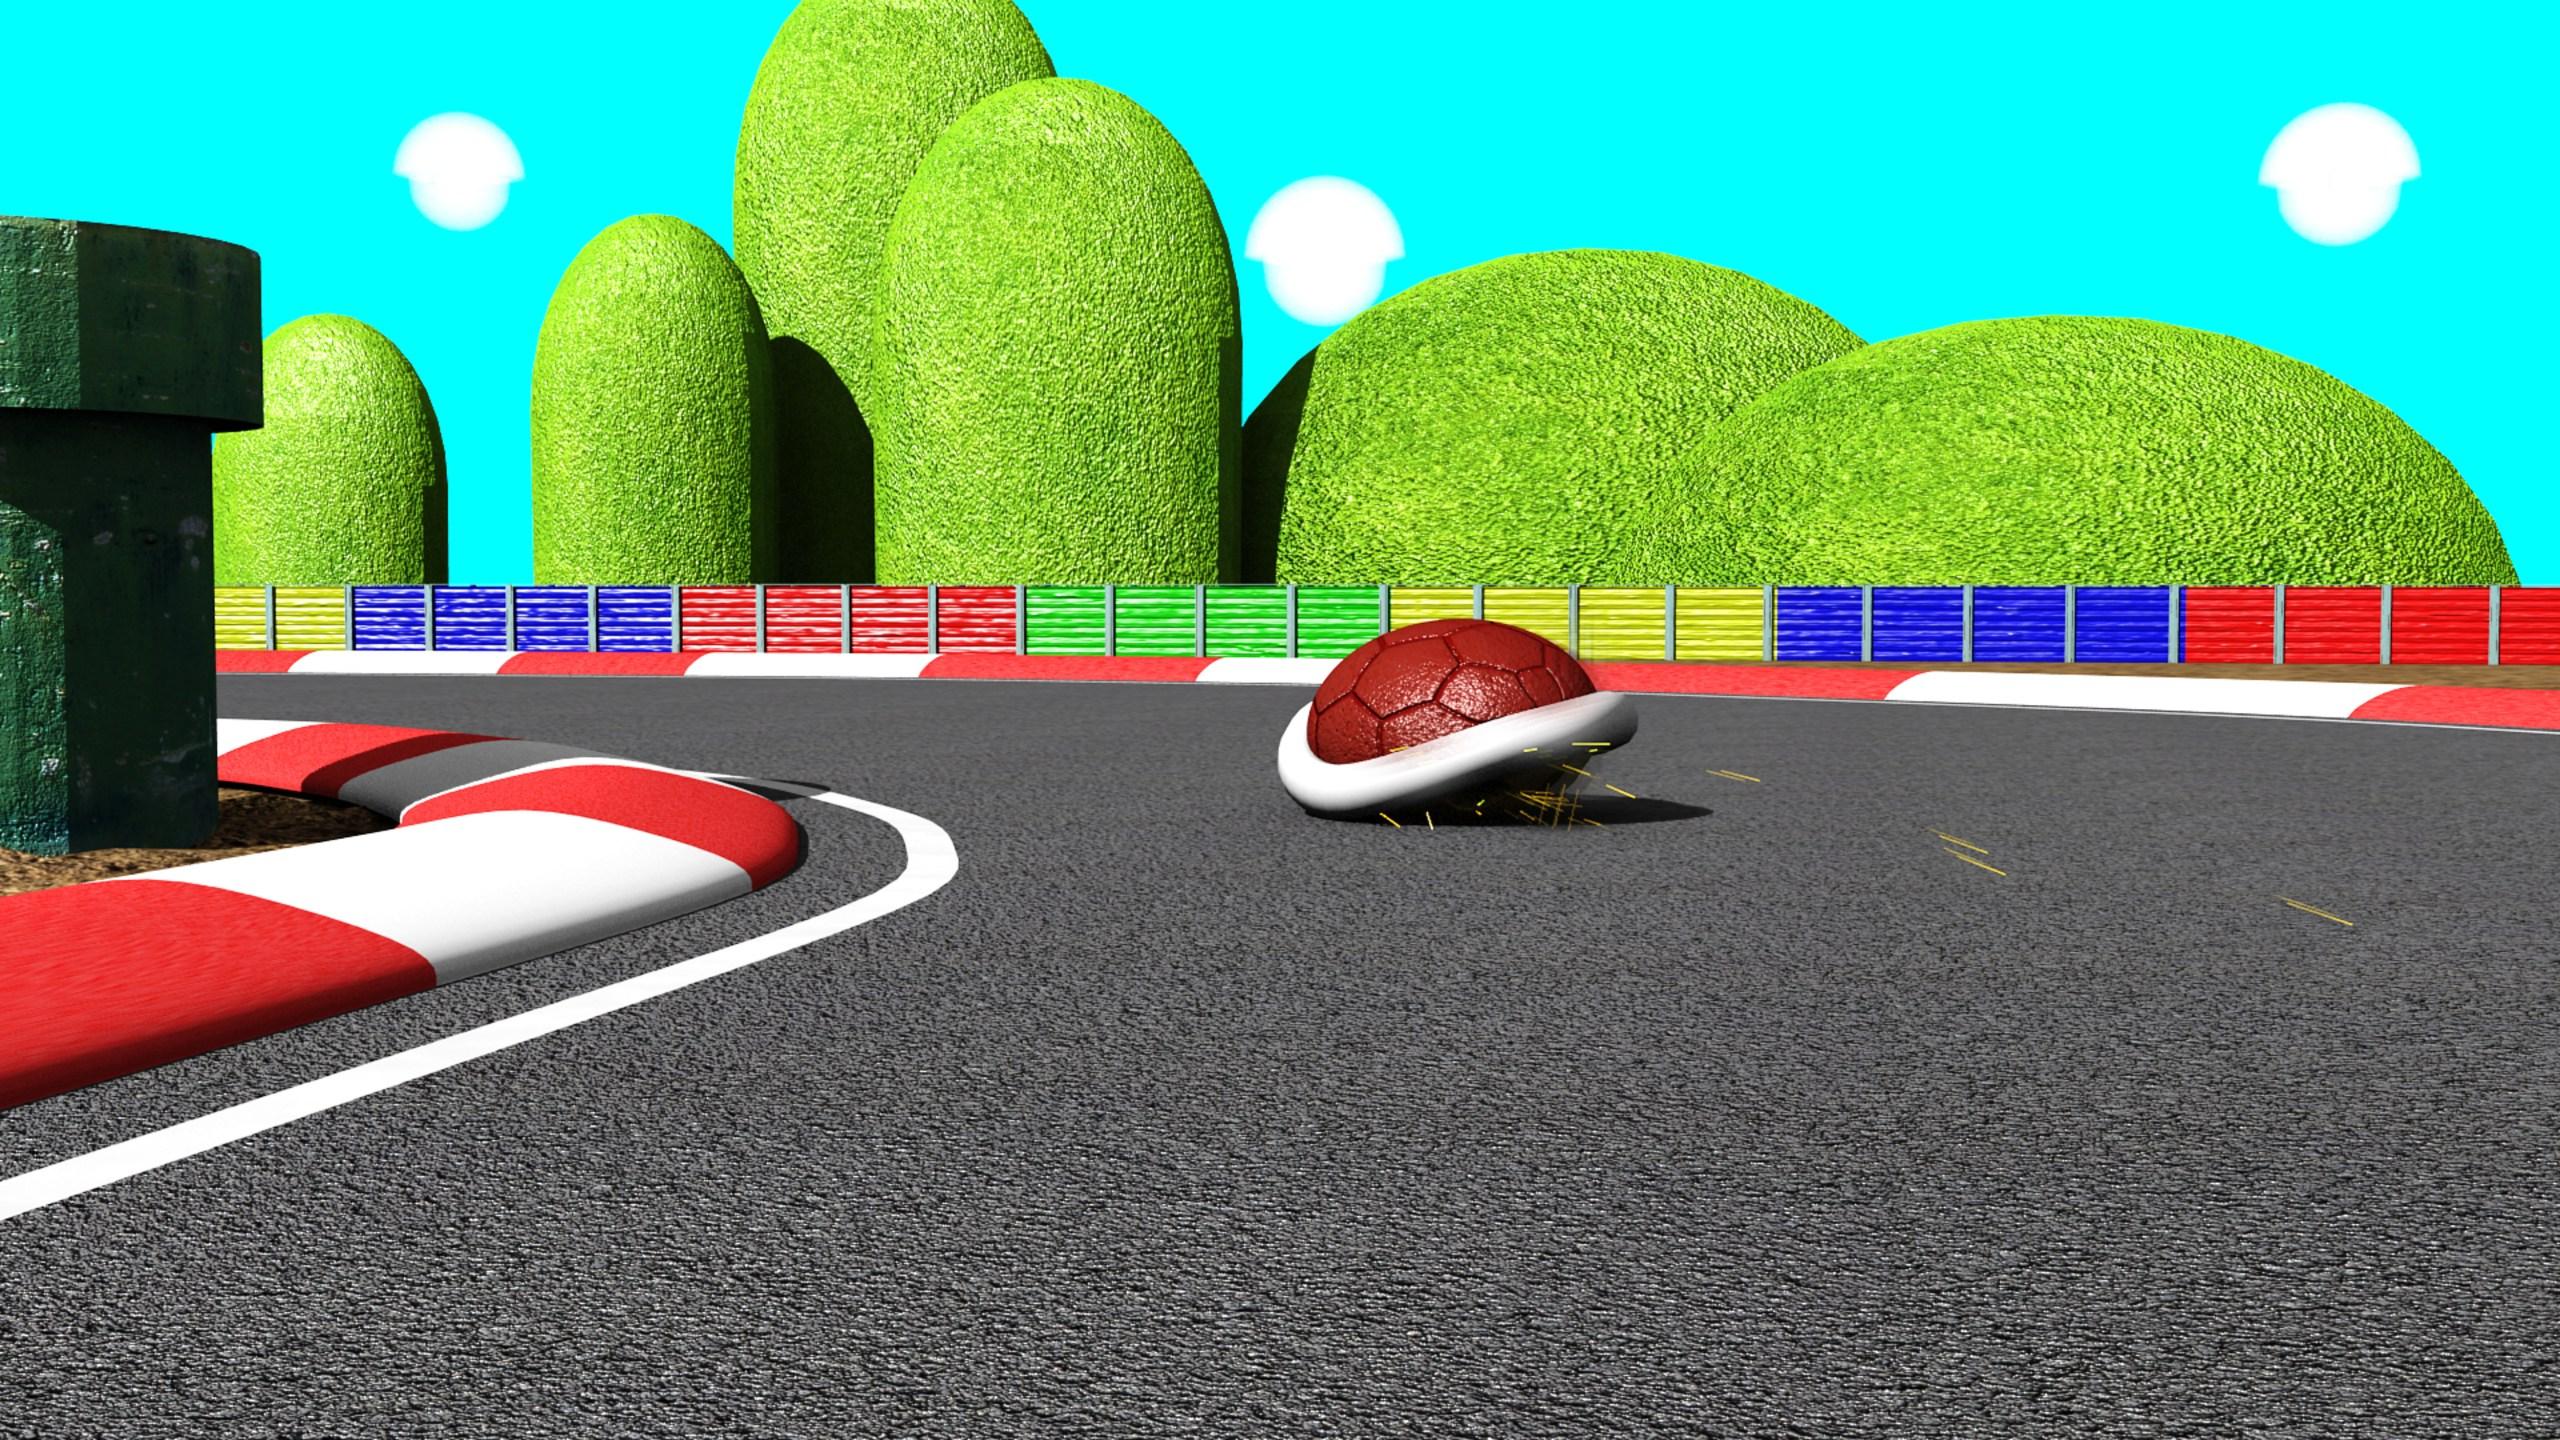 Red turtle in kart racing_1558569006184